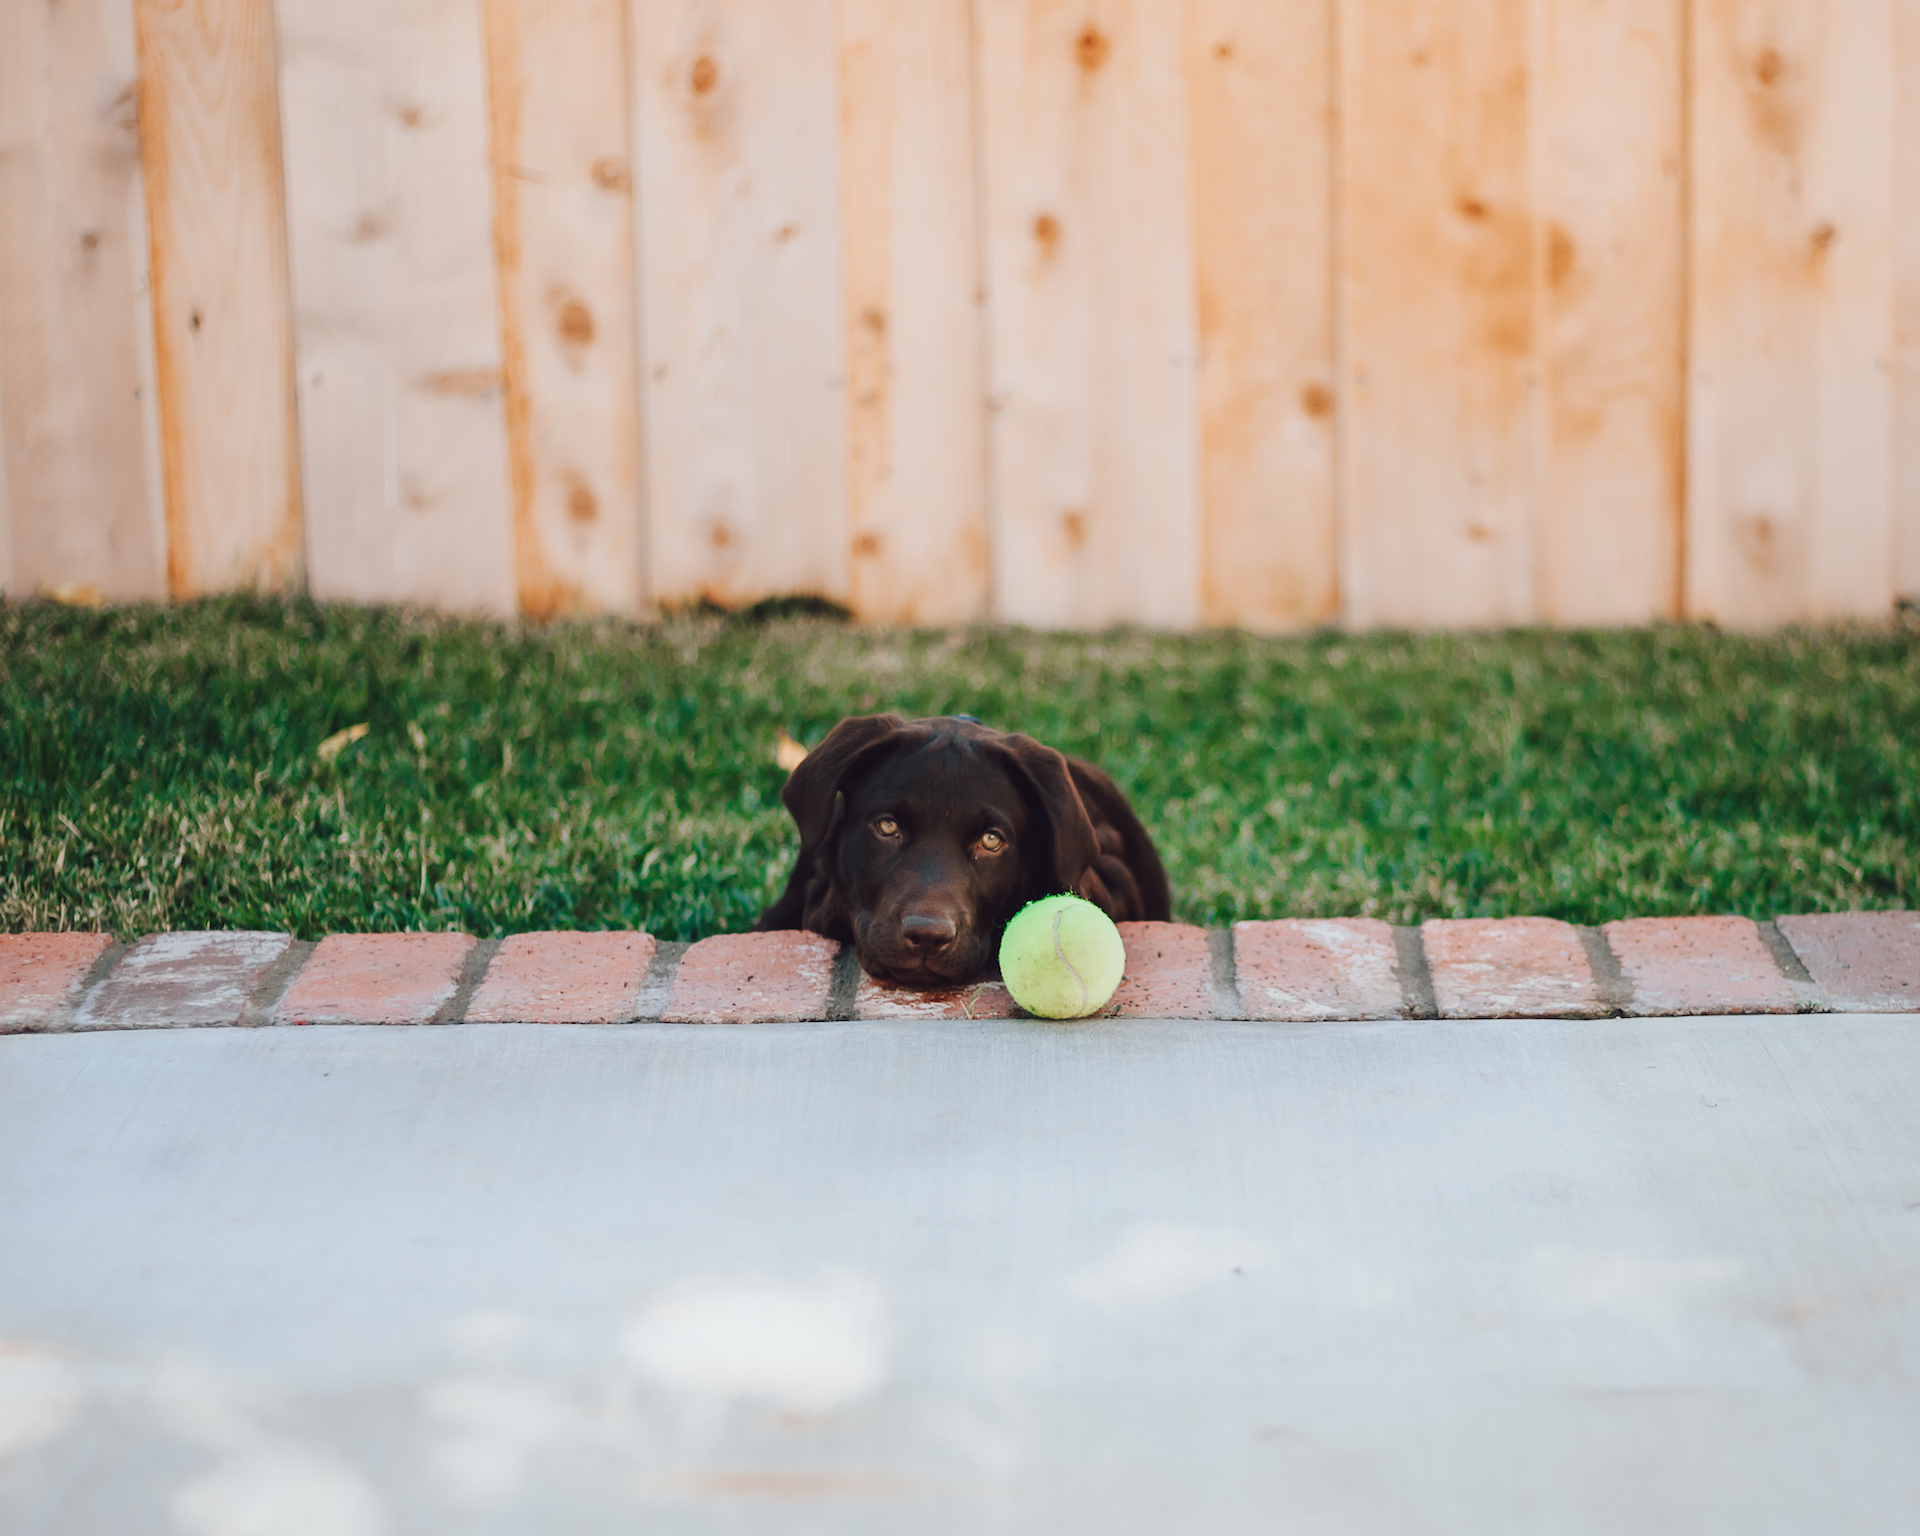 dog photos pet photos Labrador photos